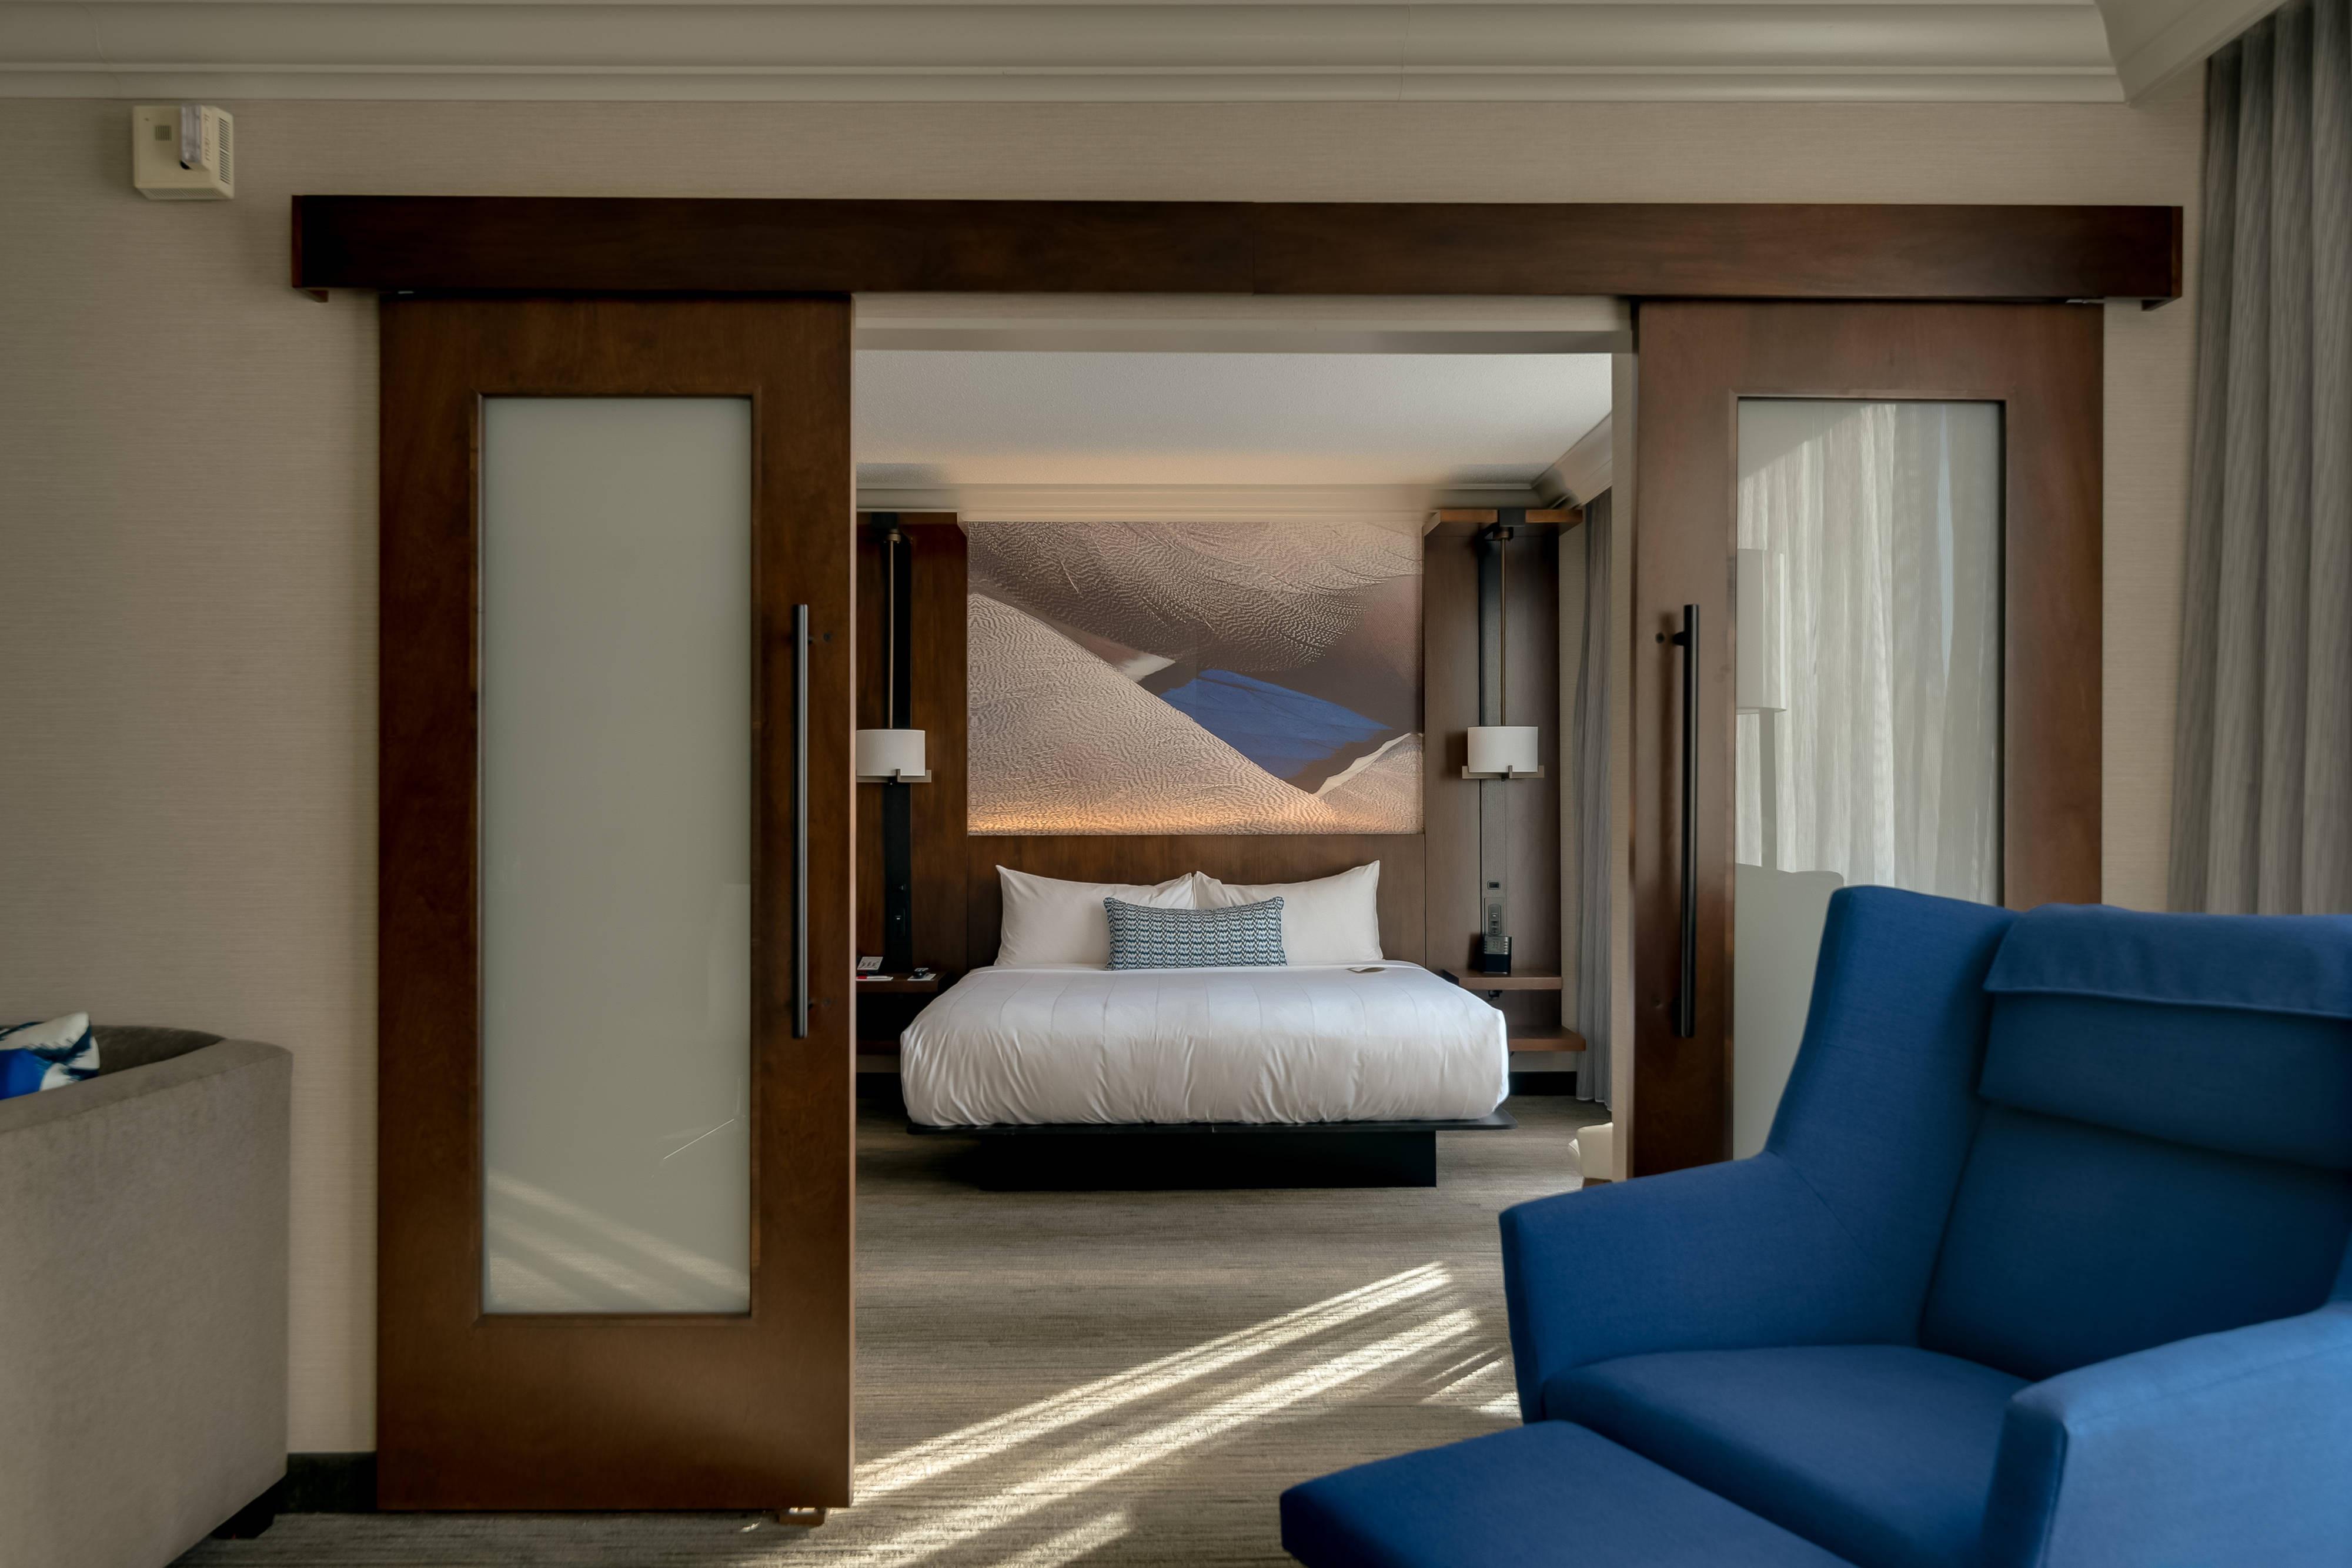 Glen Allen hotel suite